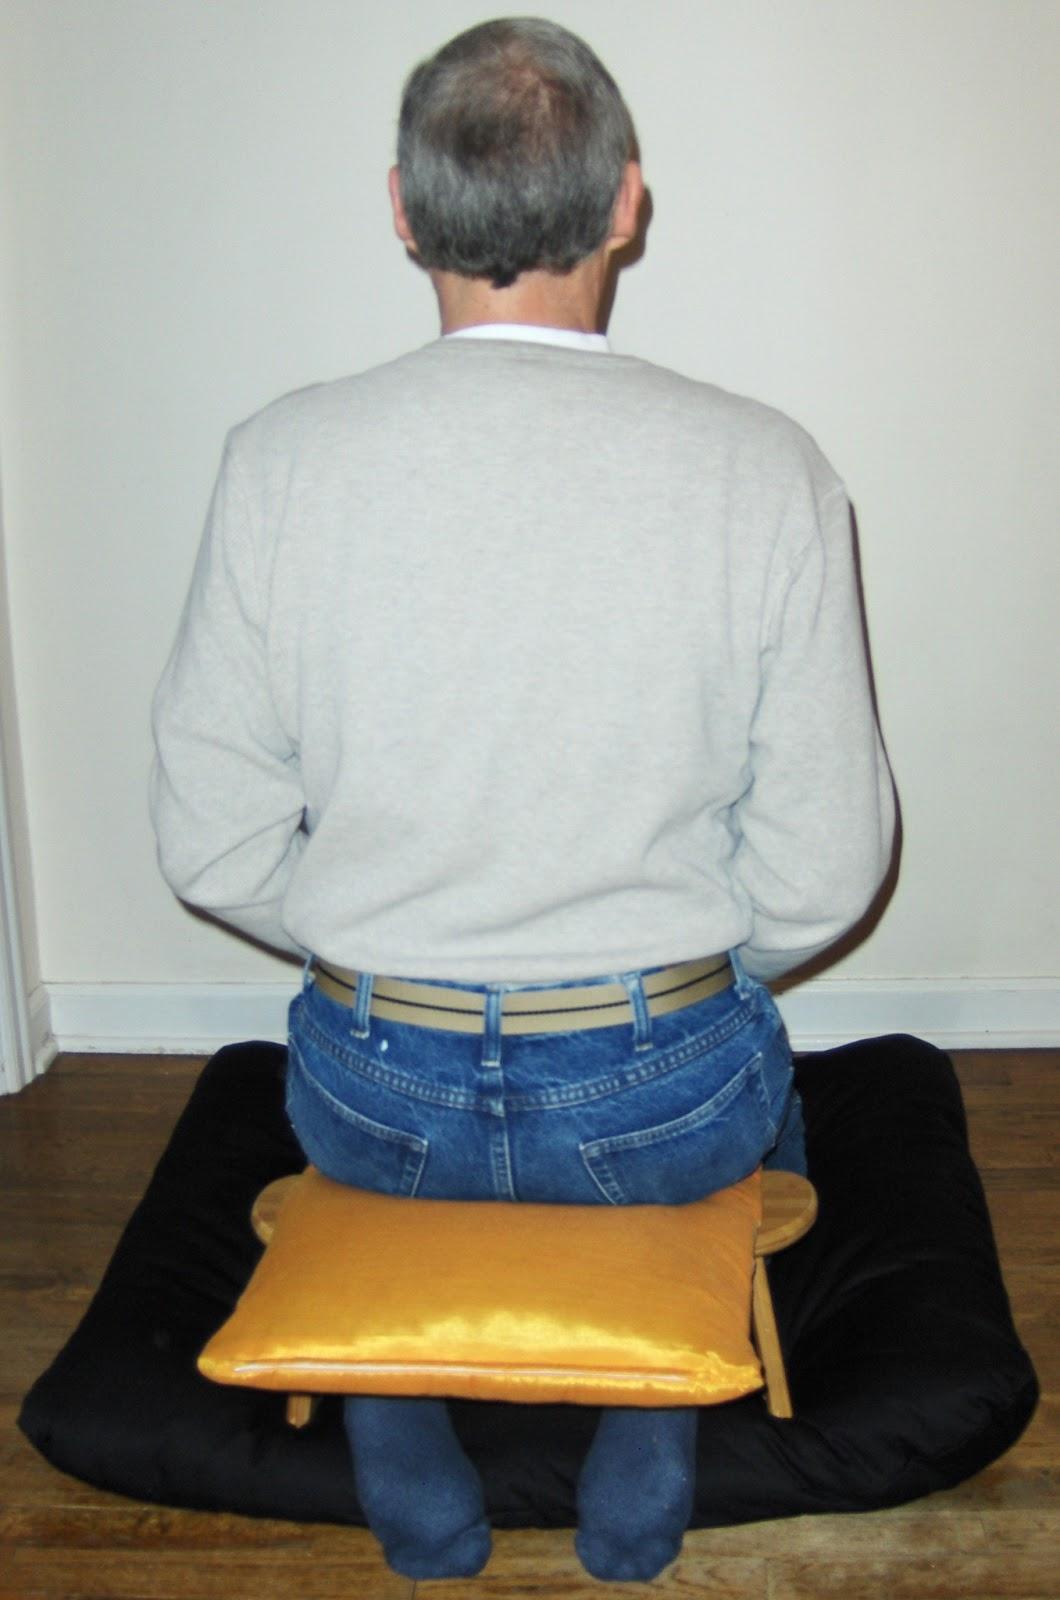 Wabi Sabi Penguin Review Of My Meditation Bench